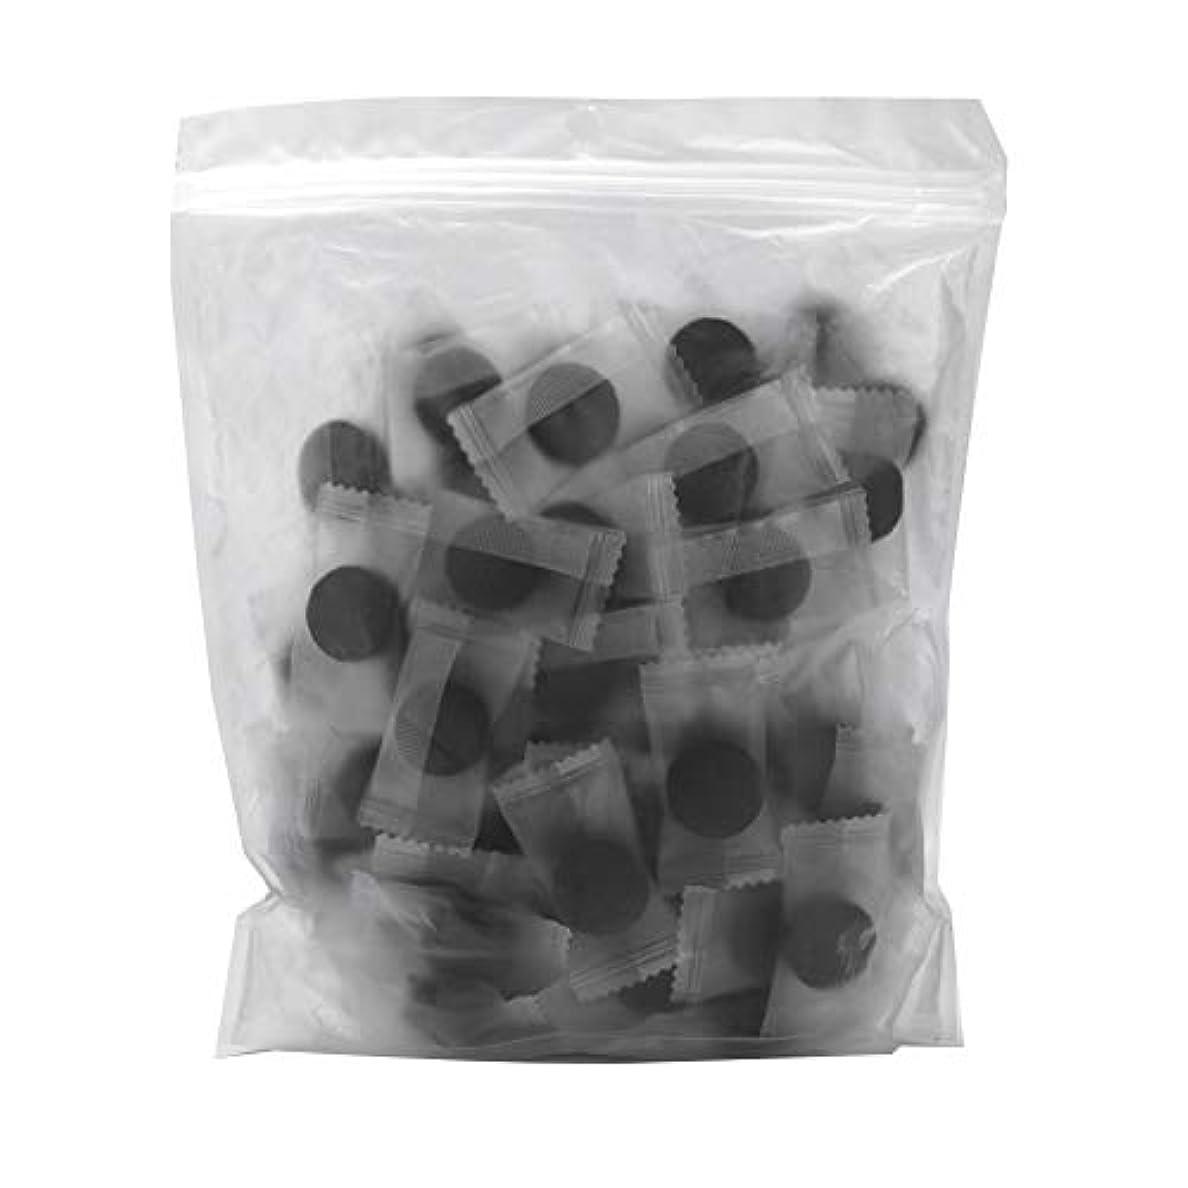 振りかける固める真空竹炭繊維 100ピース 圧縮フェースマスク 紙DIY スキンケア diy フェイシャルマスク